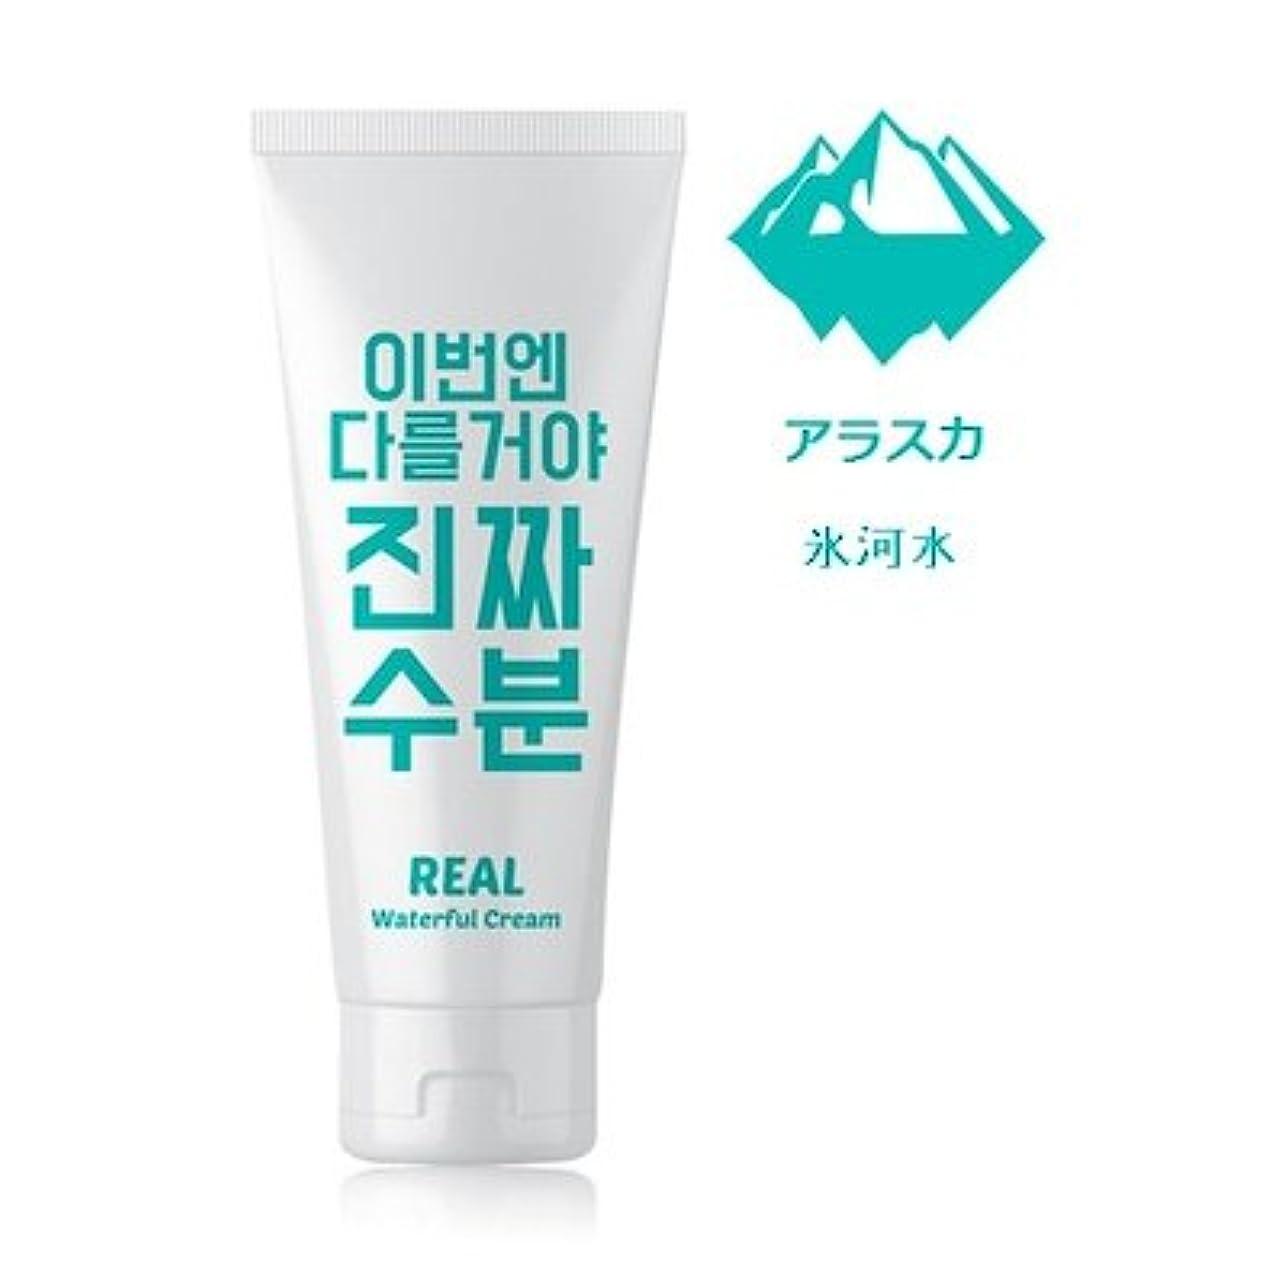 シーケンス圧縮する不変Jaminkyung Real Waterful Cream/孜民耕 [ジャミンギョン] 今度は違うぞ本当の水分クリーム 200ml [並行輸入品]